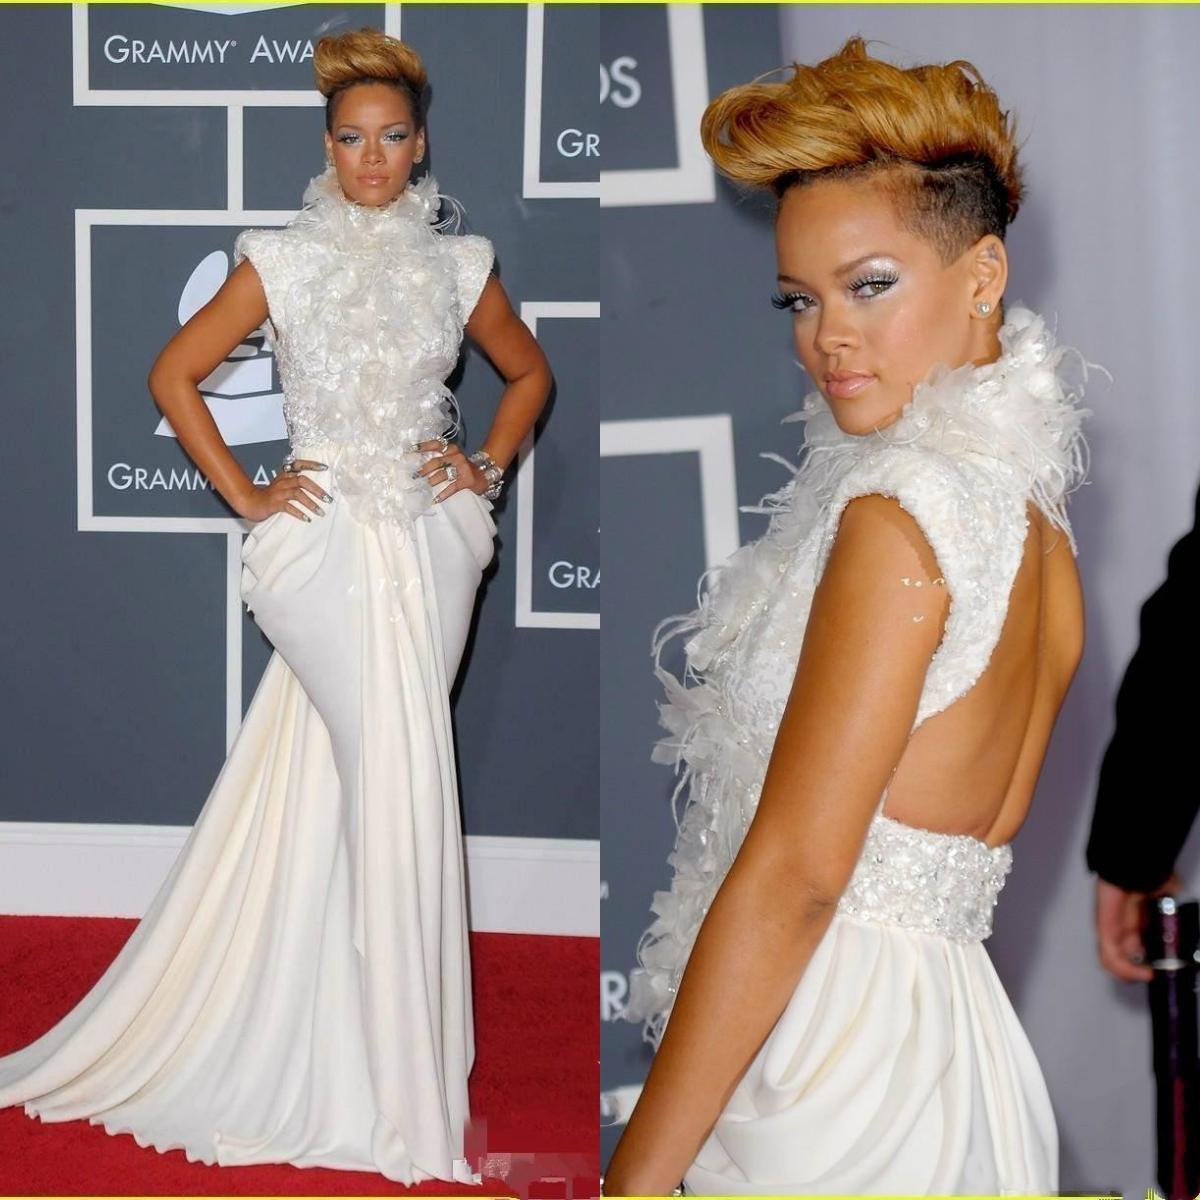 2020 Plume de luxe Robes de célébrités de célébrités de célébrités à crampon à crampons à manches longues Perles de dentelle de la dentelle africaine ...